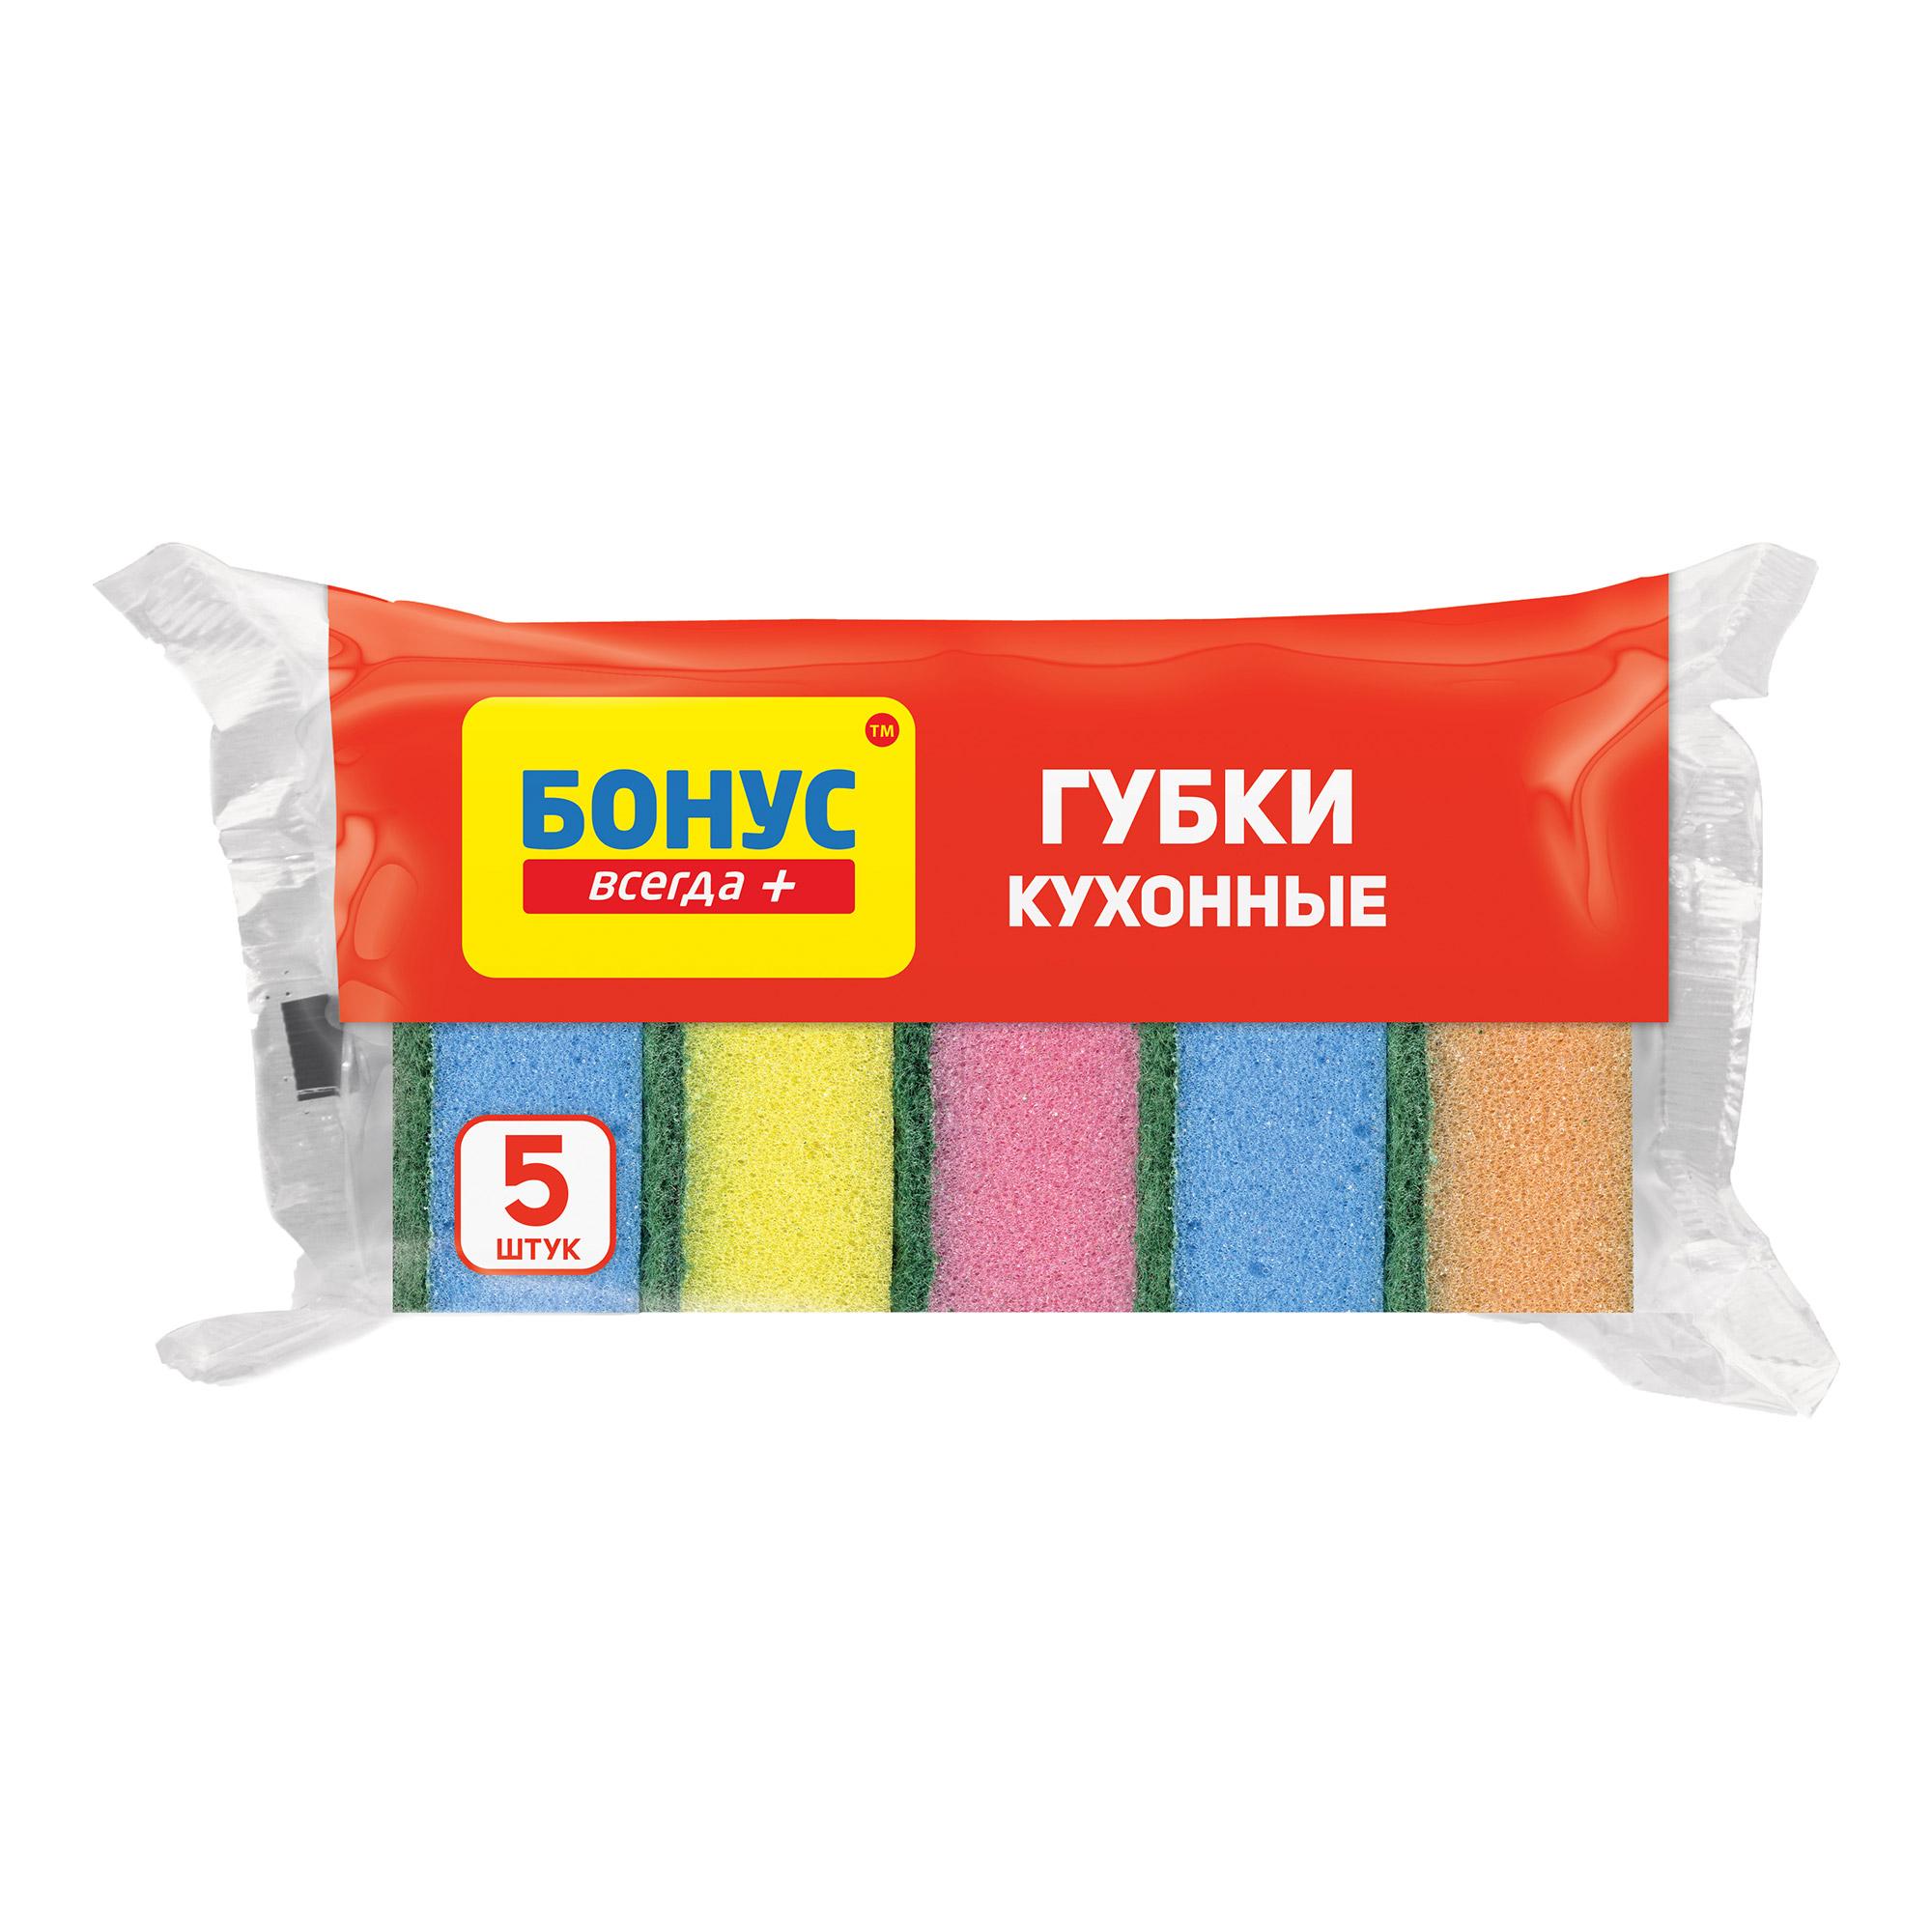 БОНУС / Губки кухонні Бонус універсальні, 5 шт.